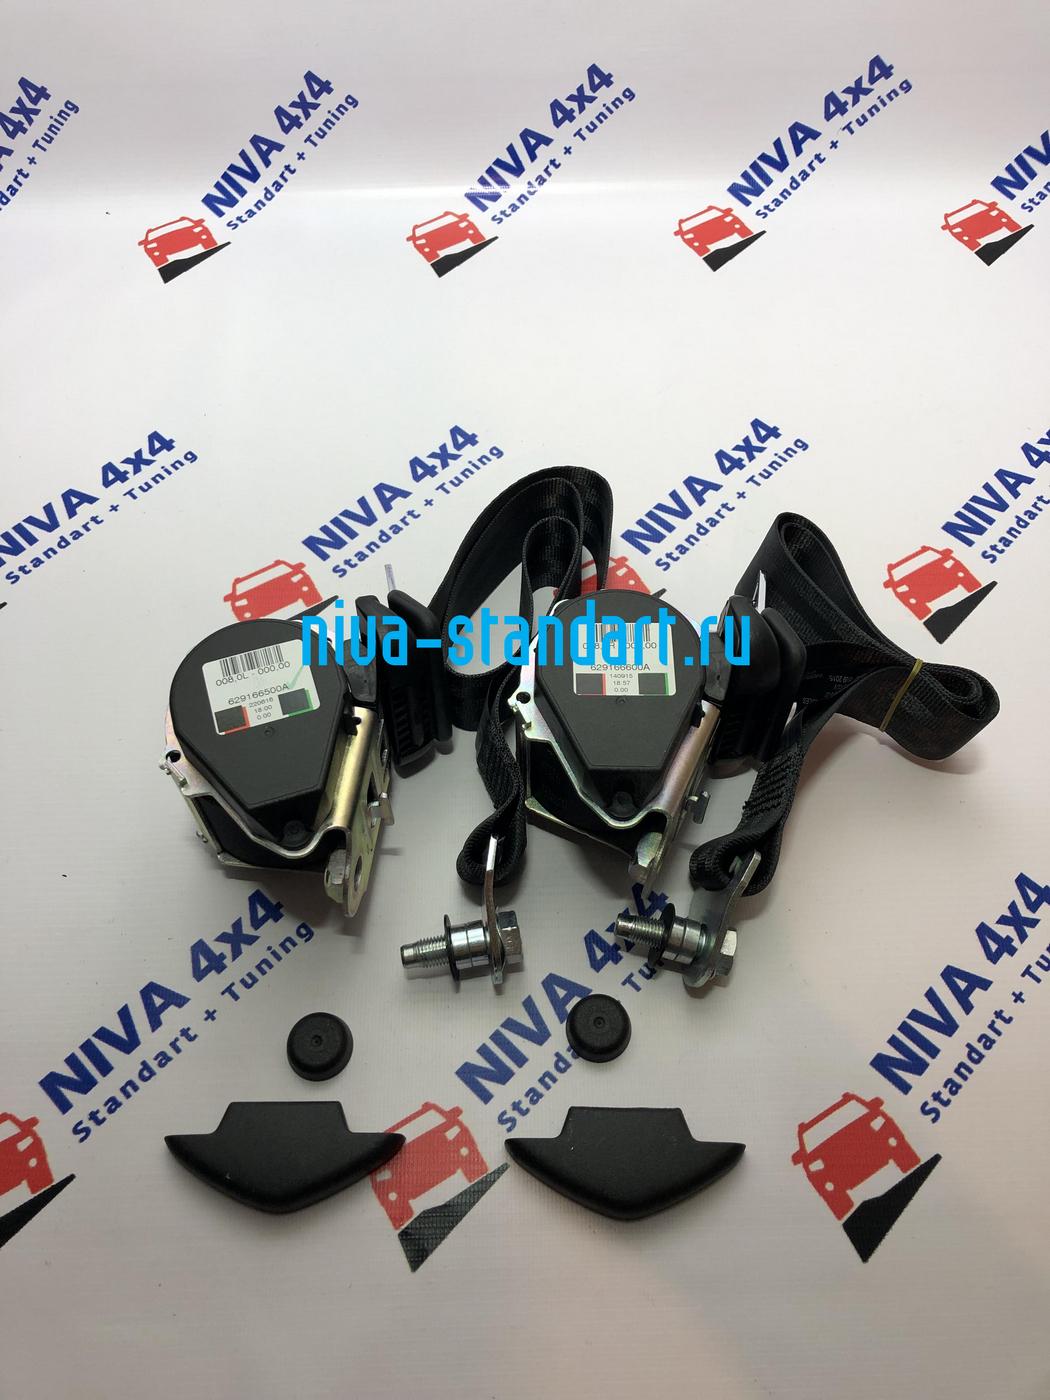 21230-8217020-20 Ремень безопасности передний правый (L,LE,LC)